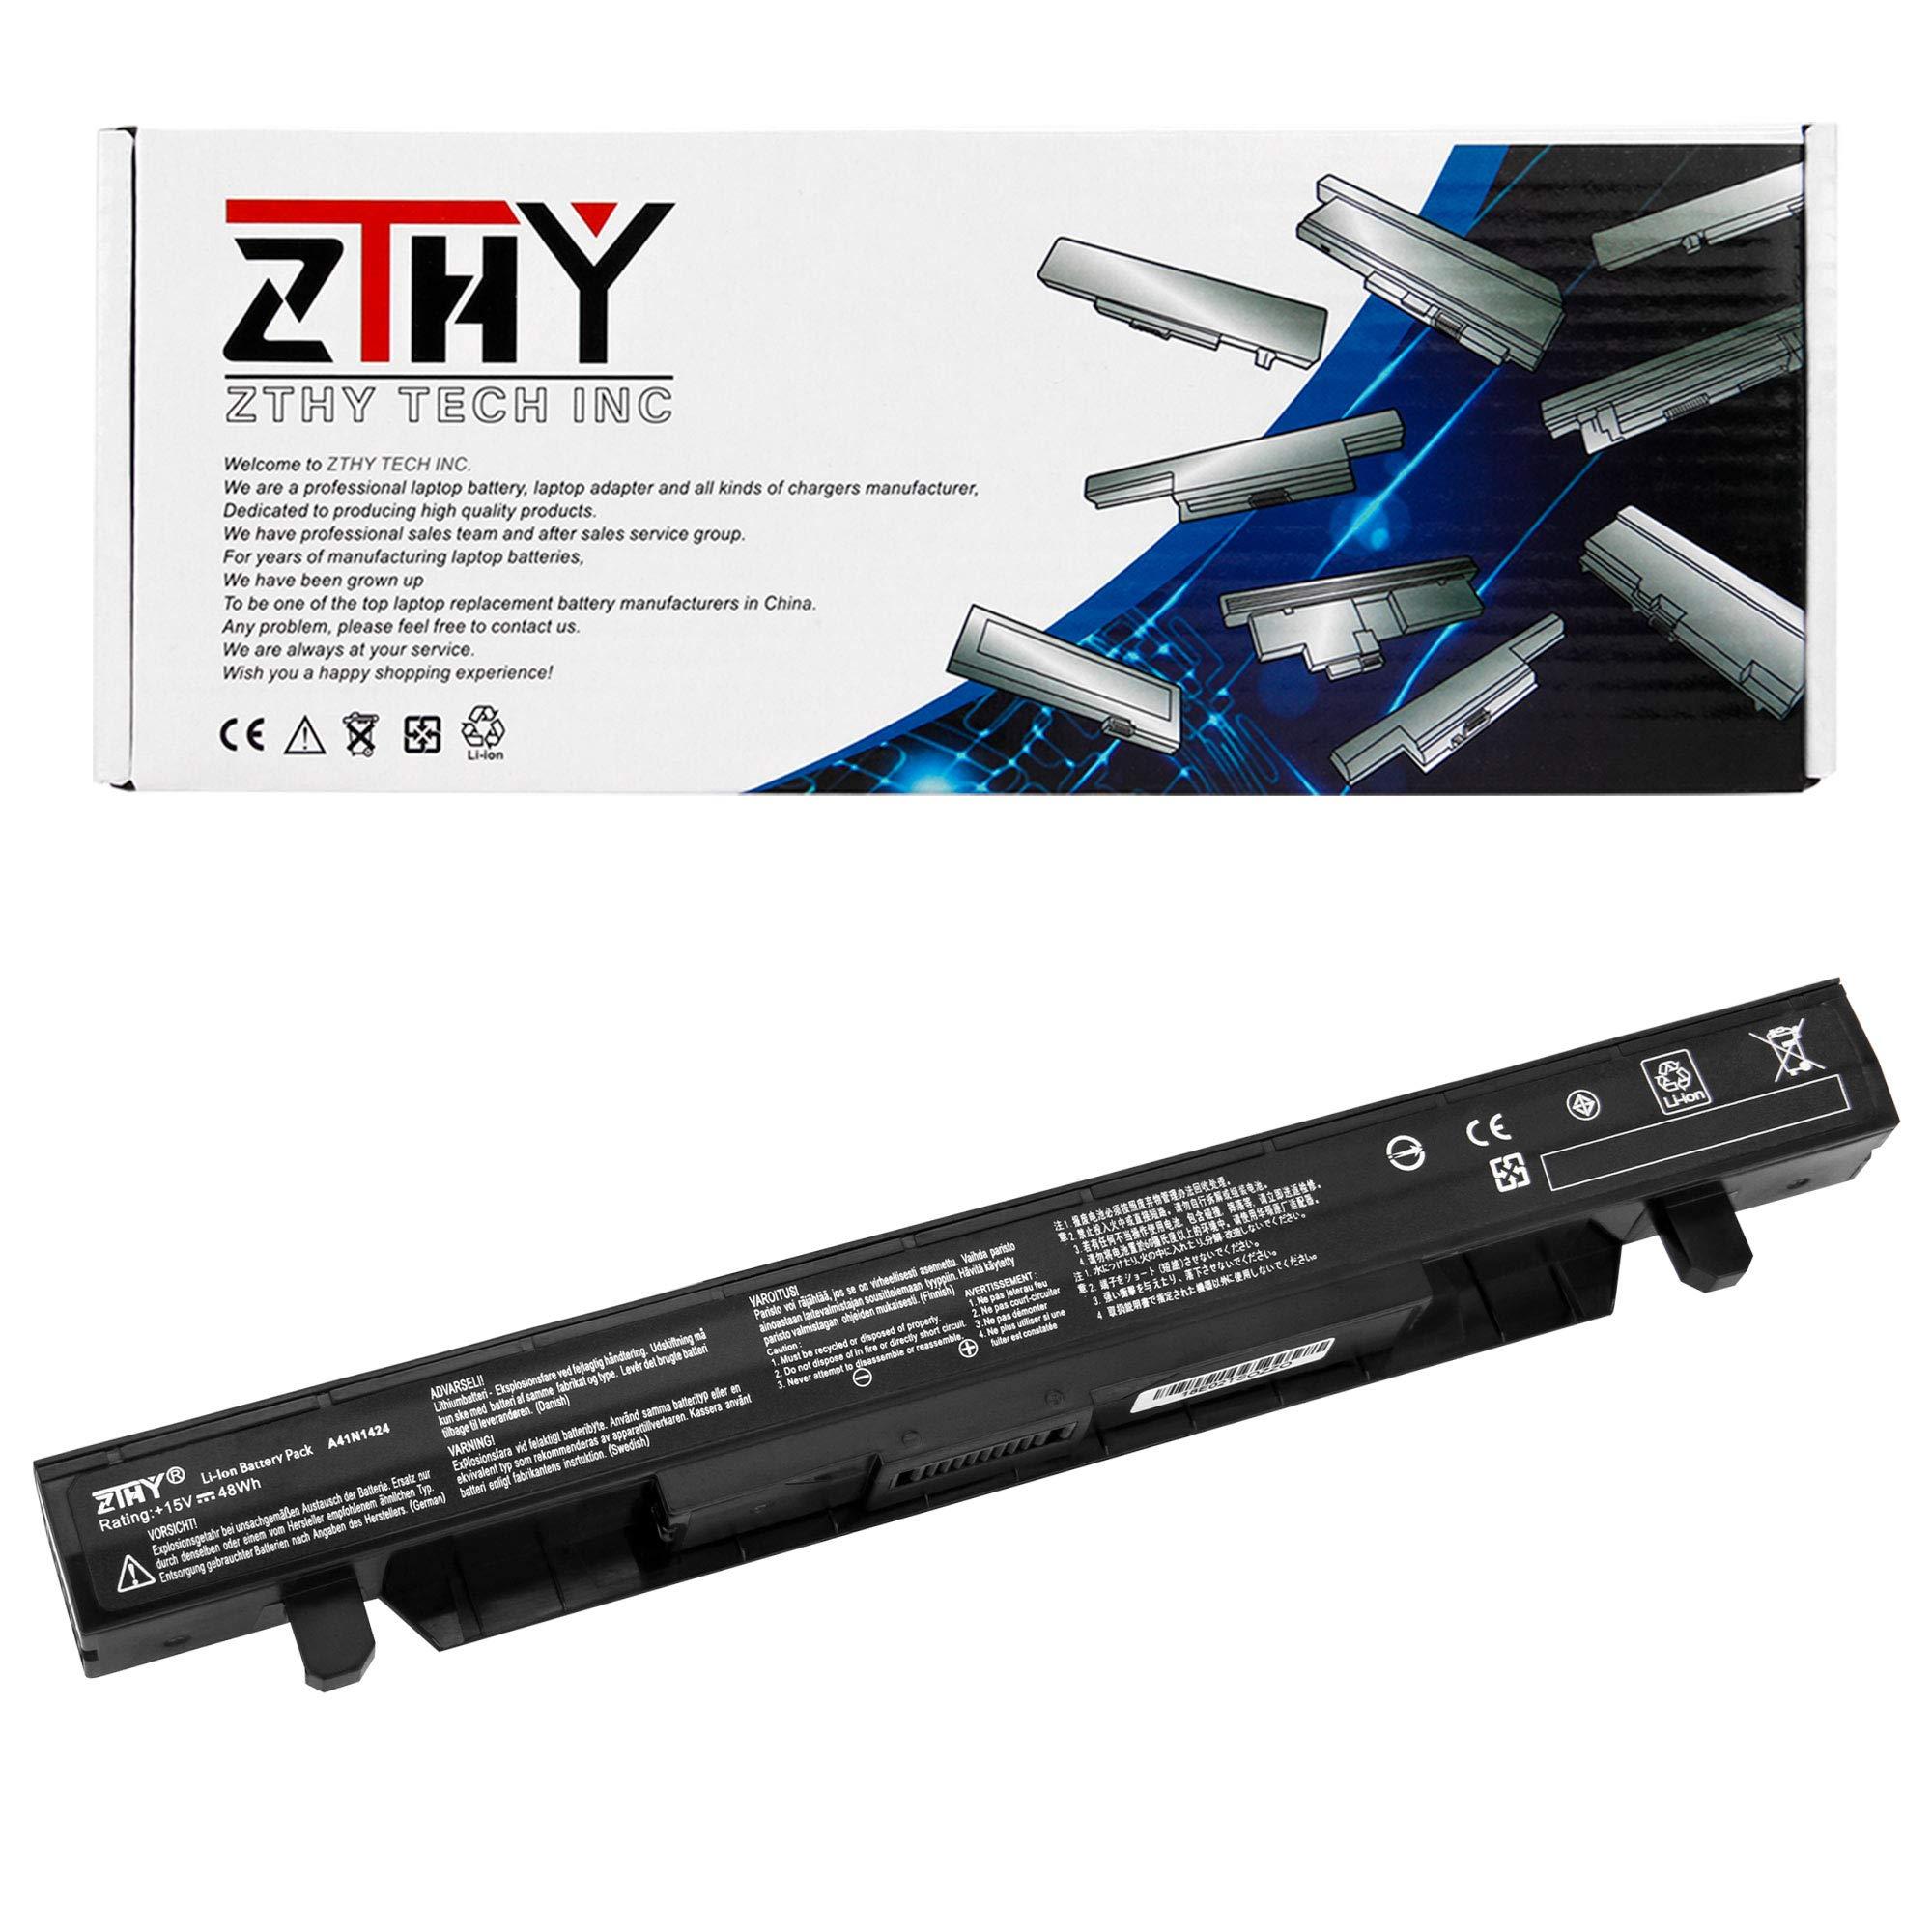 Bateria Zthy A41n1424 Para Asus Rog Gl552 Gl552v Gl552vw Gl552j Gl552jx Zx50v Zx50vw Zx50jx X50j Zx50 Jx4200 Jx4720 Fx-p